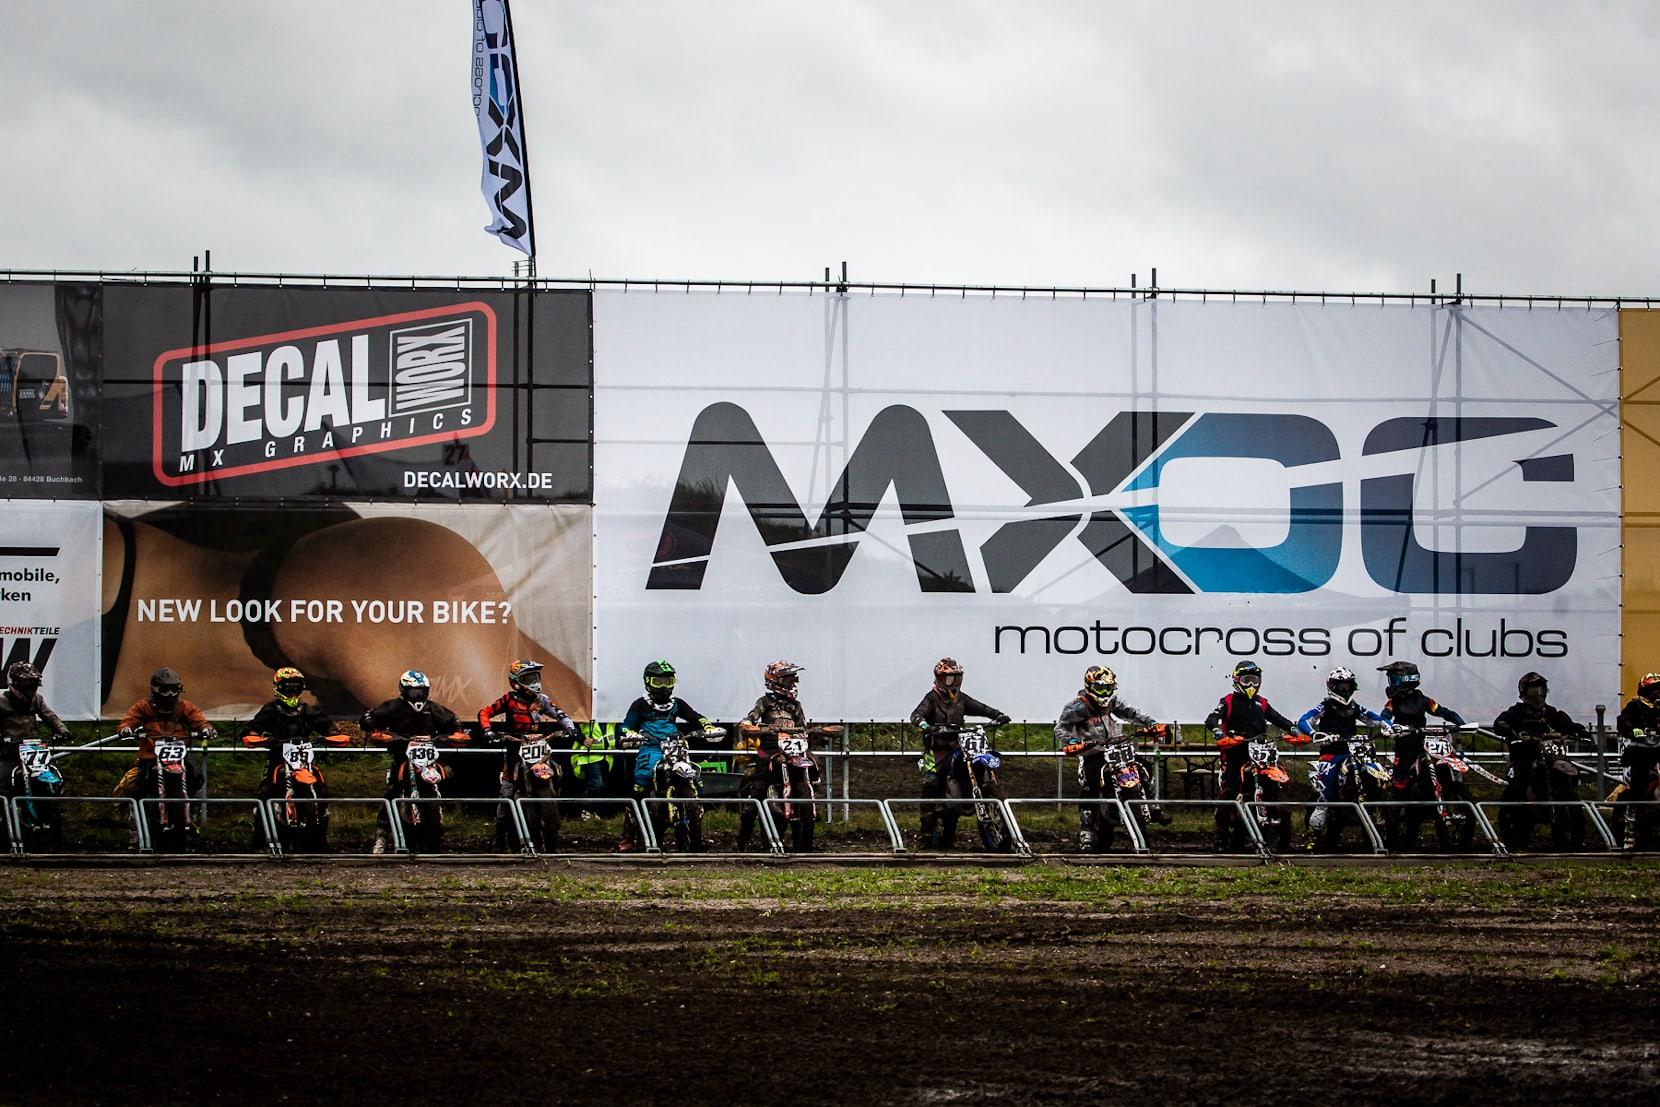 Das Motocross of Clubs geht in die zweite Runde